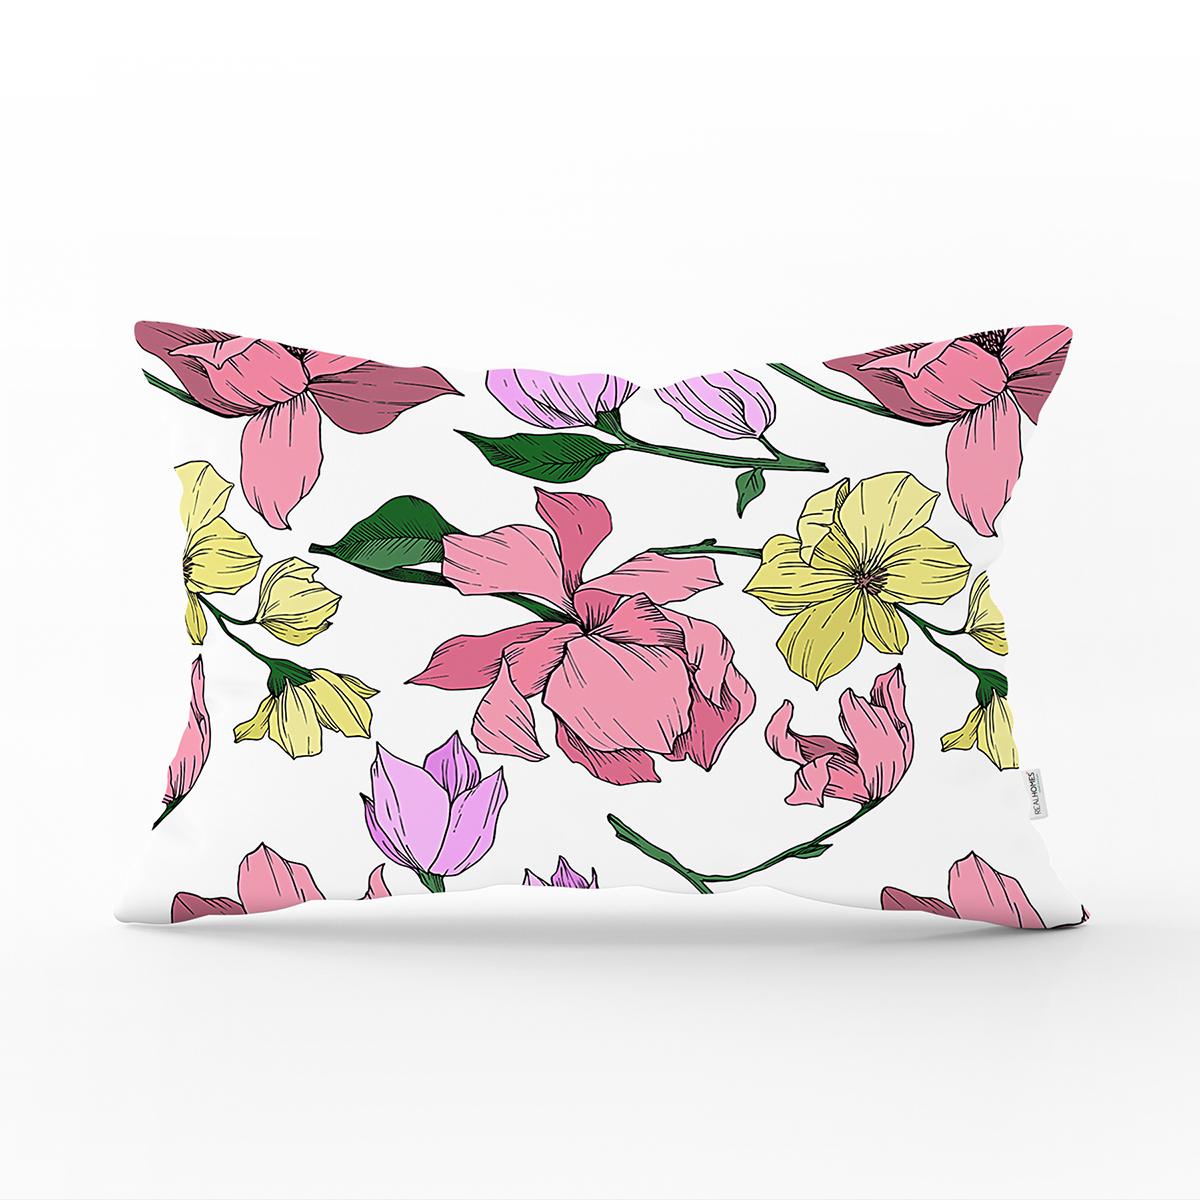 Beyaz Zemin Üzerinde Renkli Çiçek Desenli Dikdörtgen Yastık Kırlent Kılıfı Realhomes